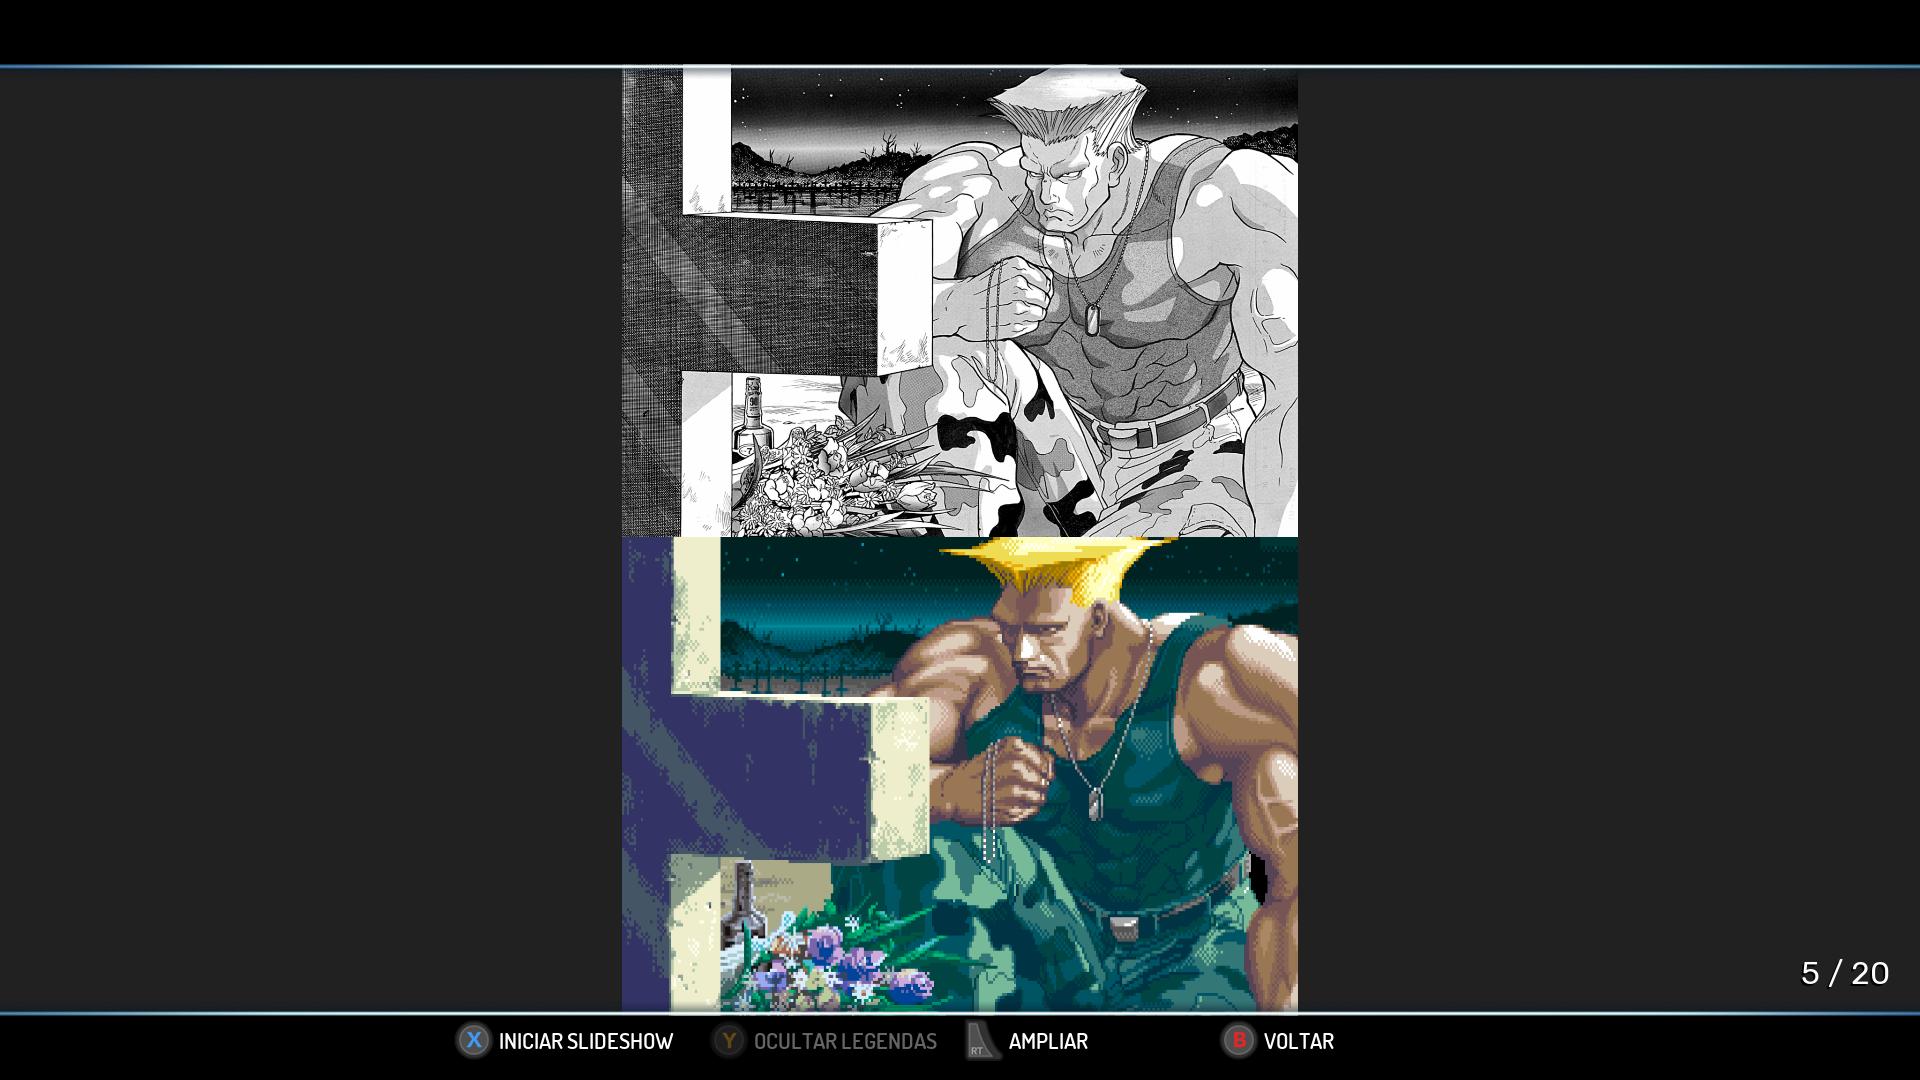 Arte desenhada do fim do Guile e passada para o jogo